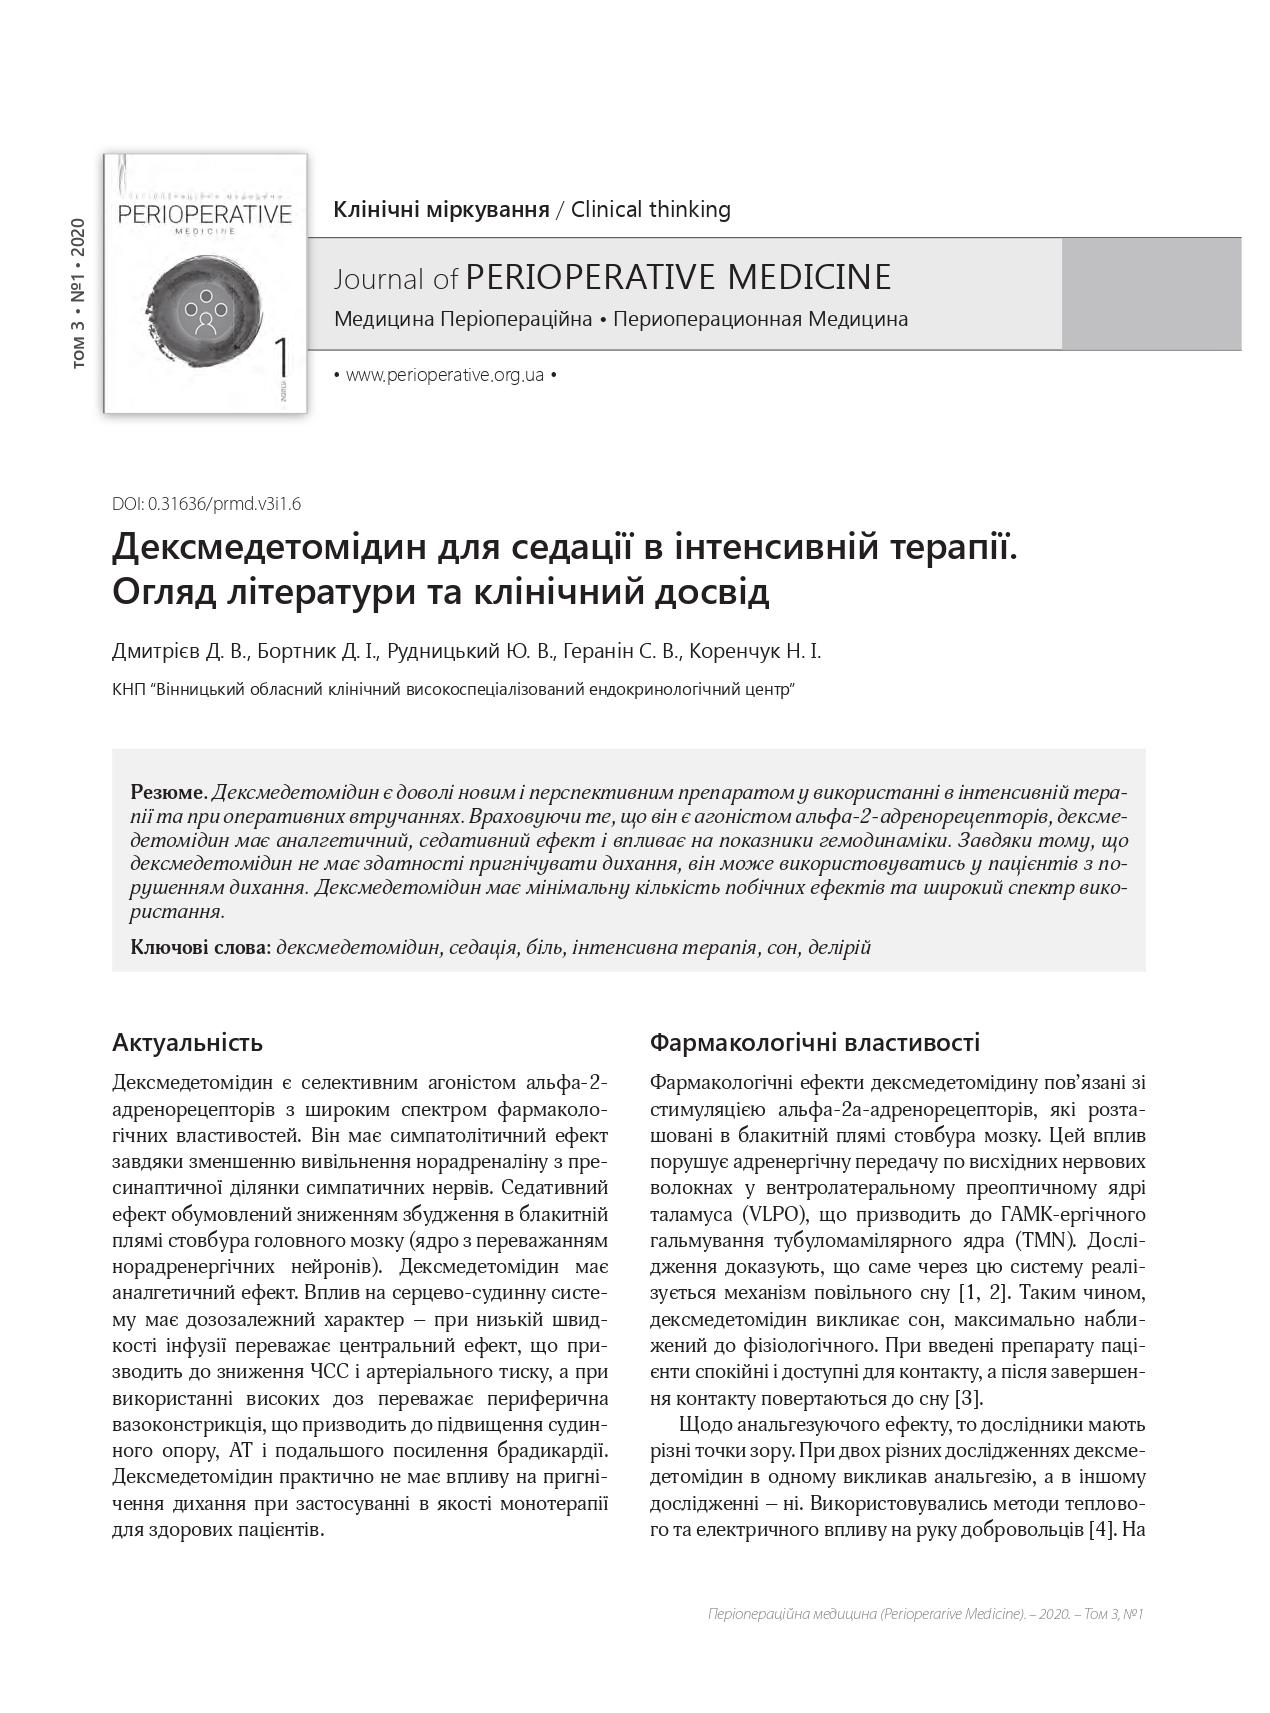 Дексмедетомідин для седації в інтенсивній терапії. Огляд літератури та клінічний досвід